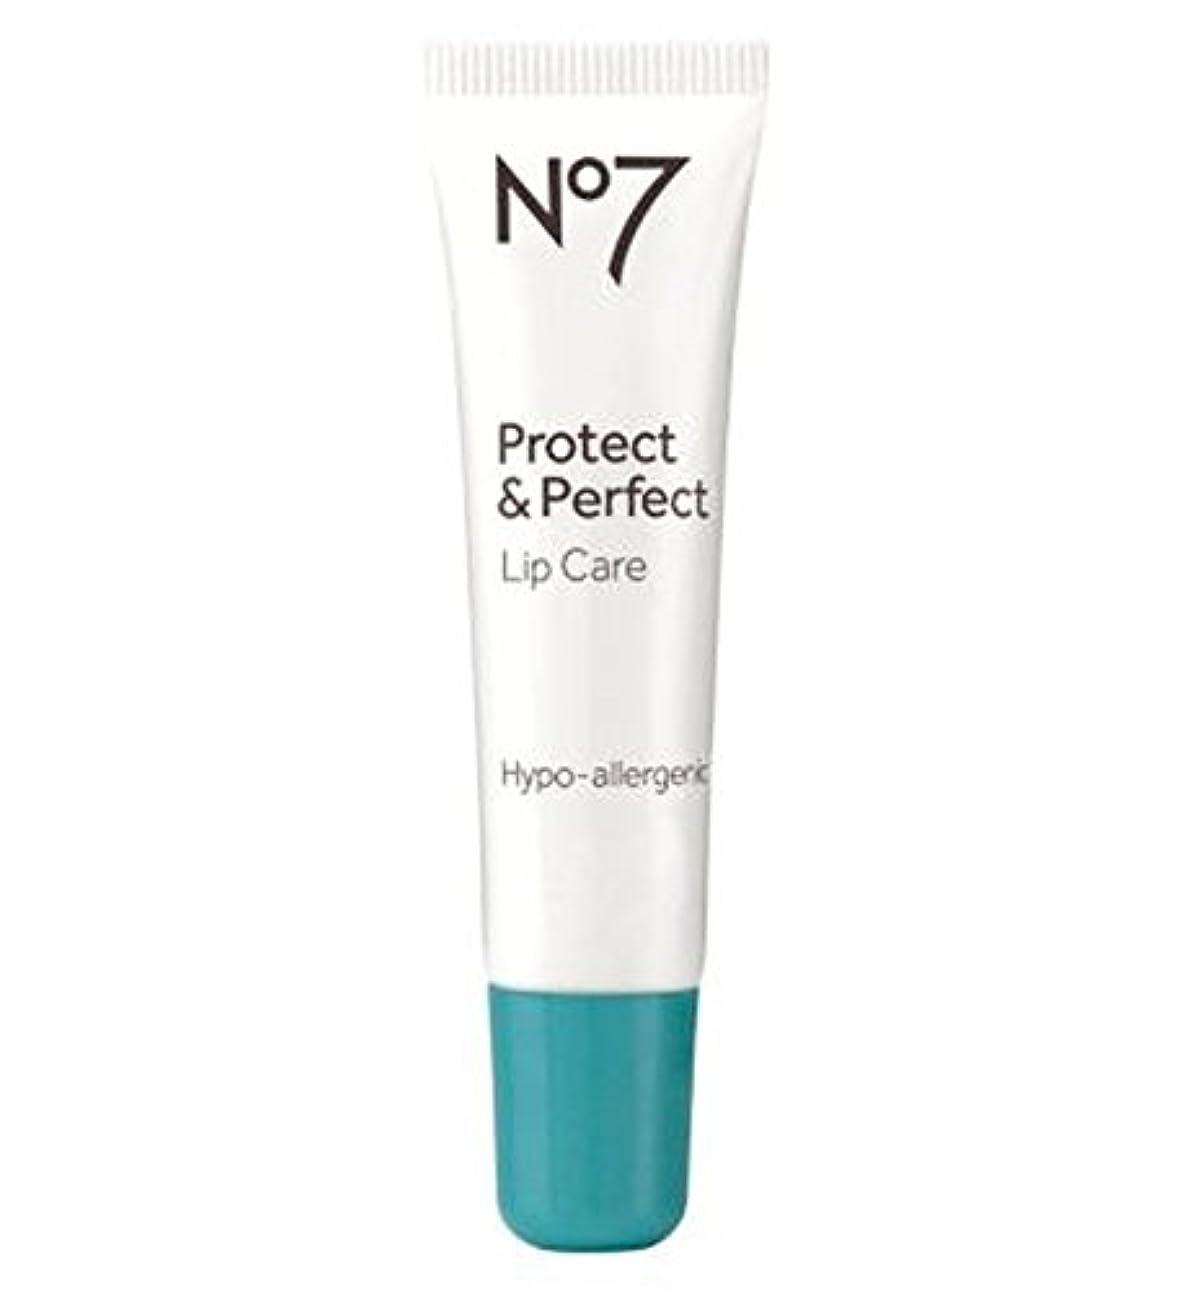 配送クロニクル色No7保護&完璧なリップケア10ミリリットル (No7) (x2) - No7 Protect & Perfect Lip Care 10ml (Pack of 2) [並行輸入品]